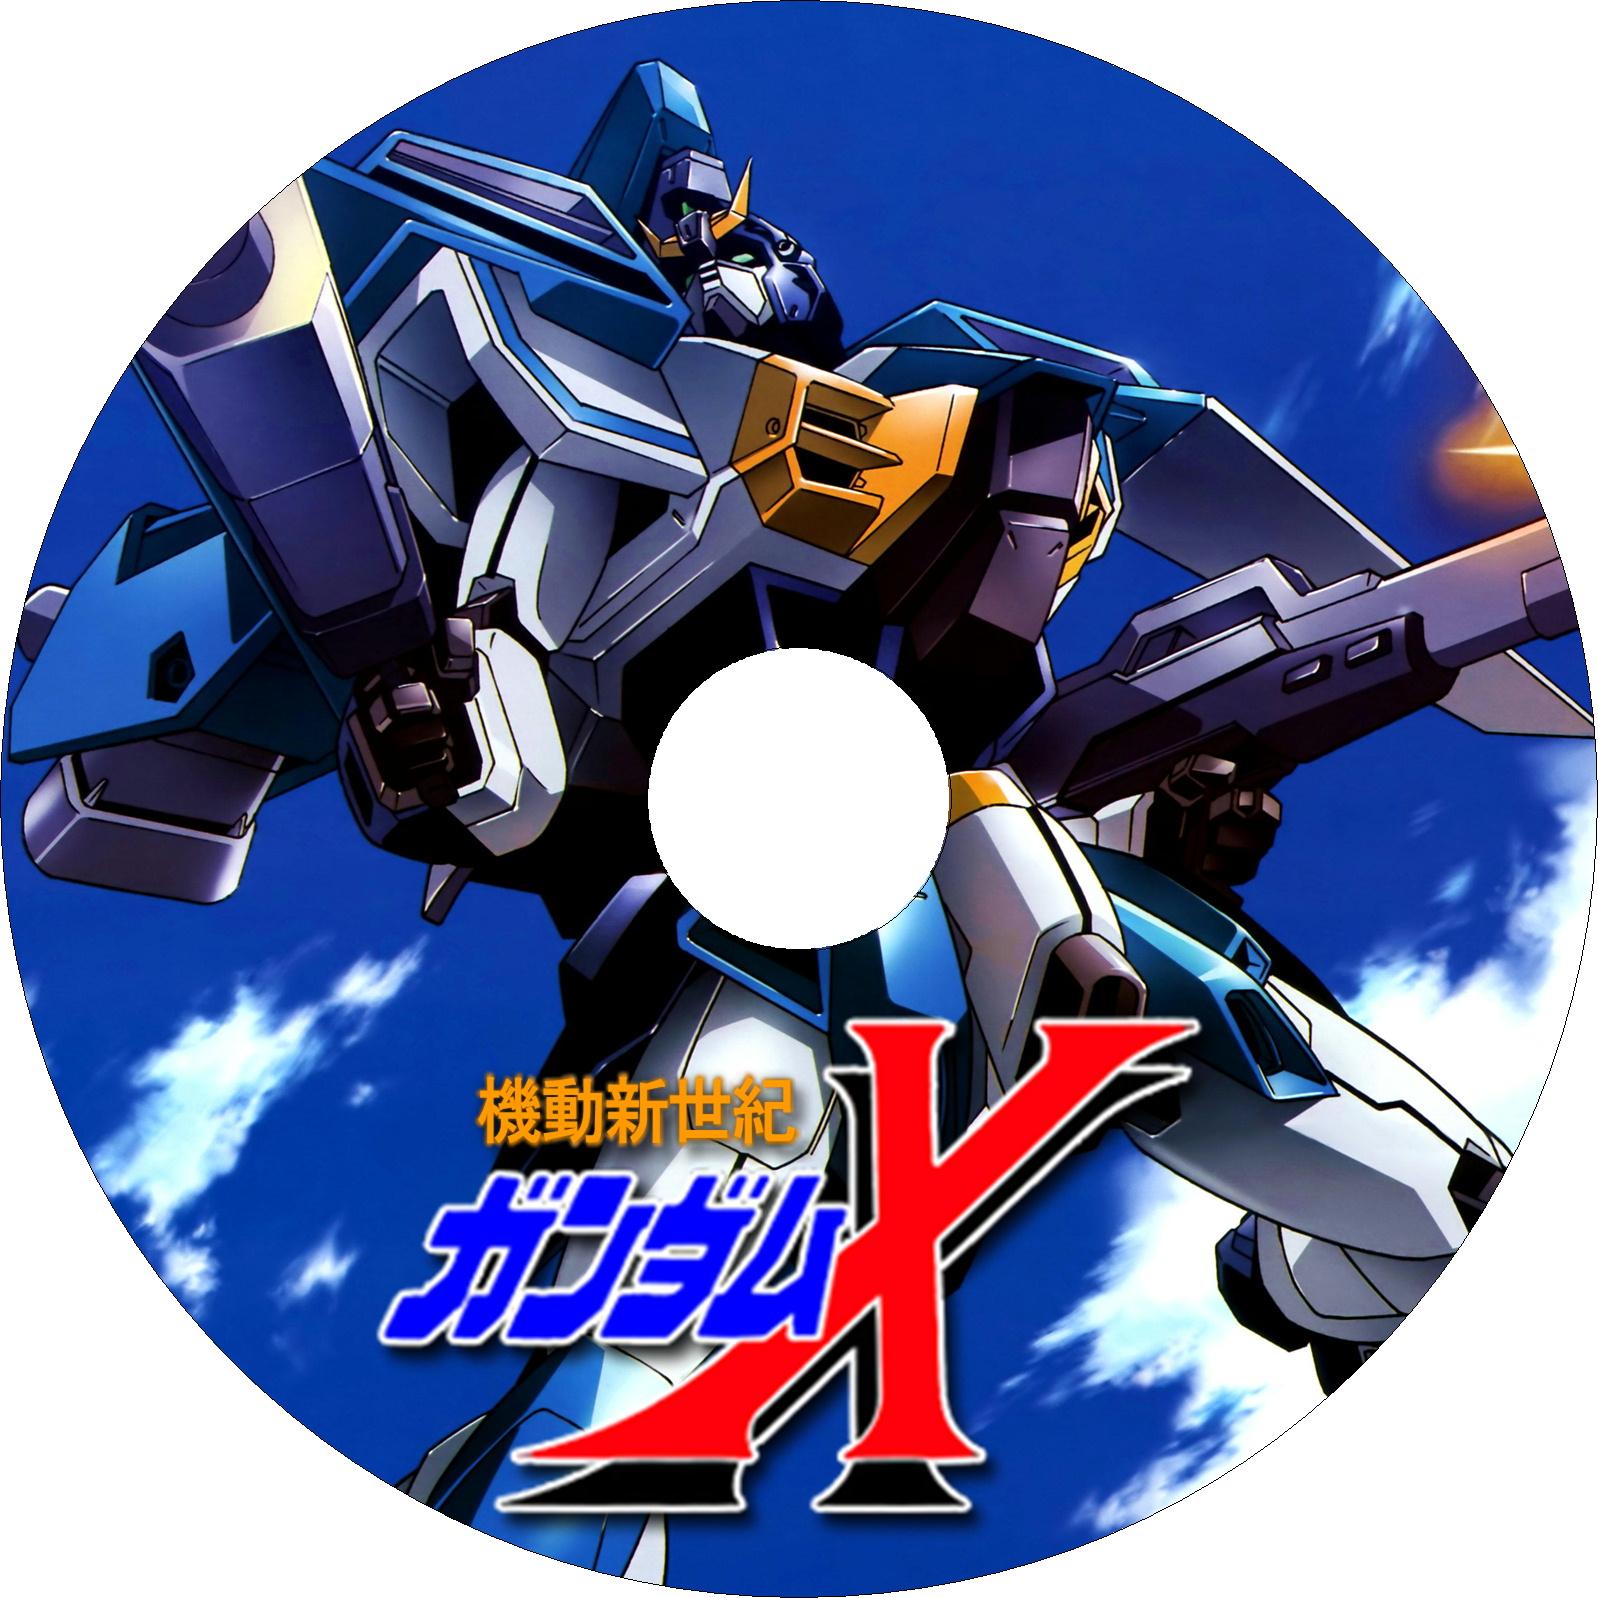 機動新世紀ガンダムX ラベル(汎用)2